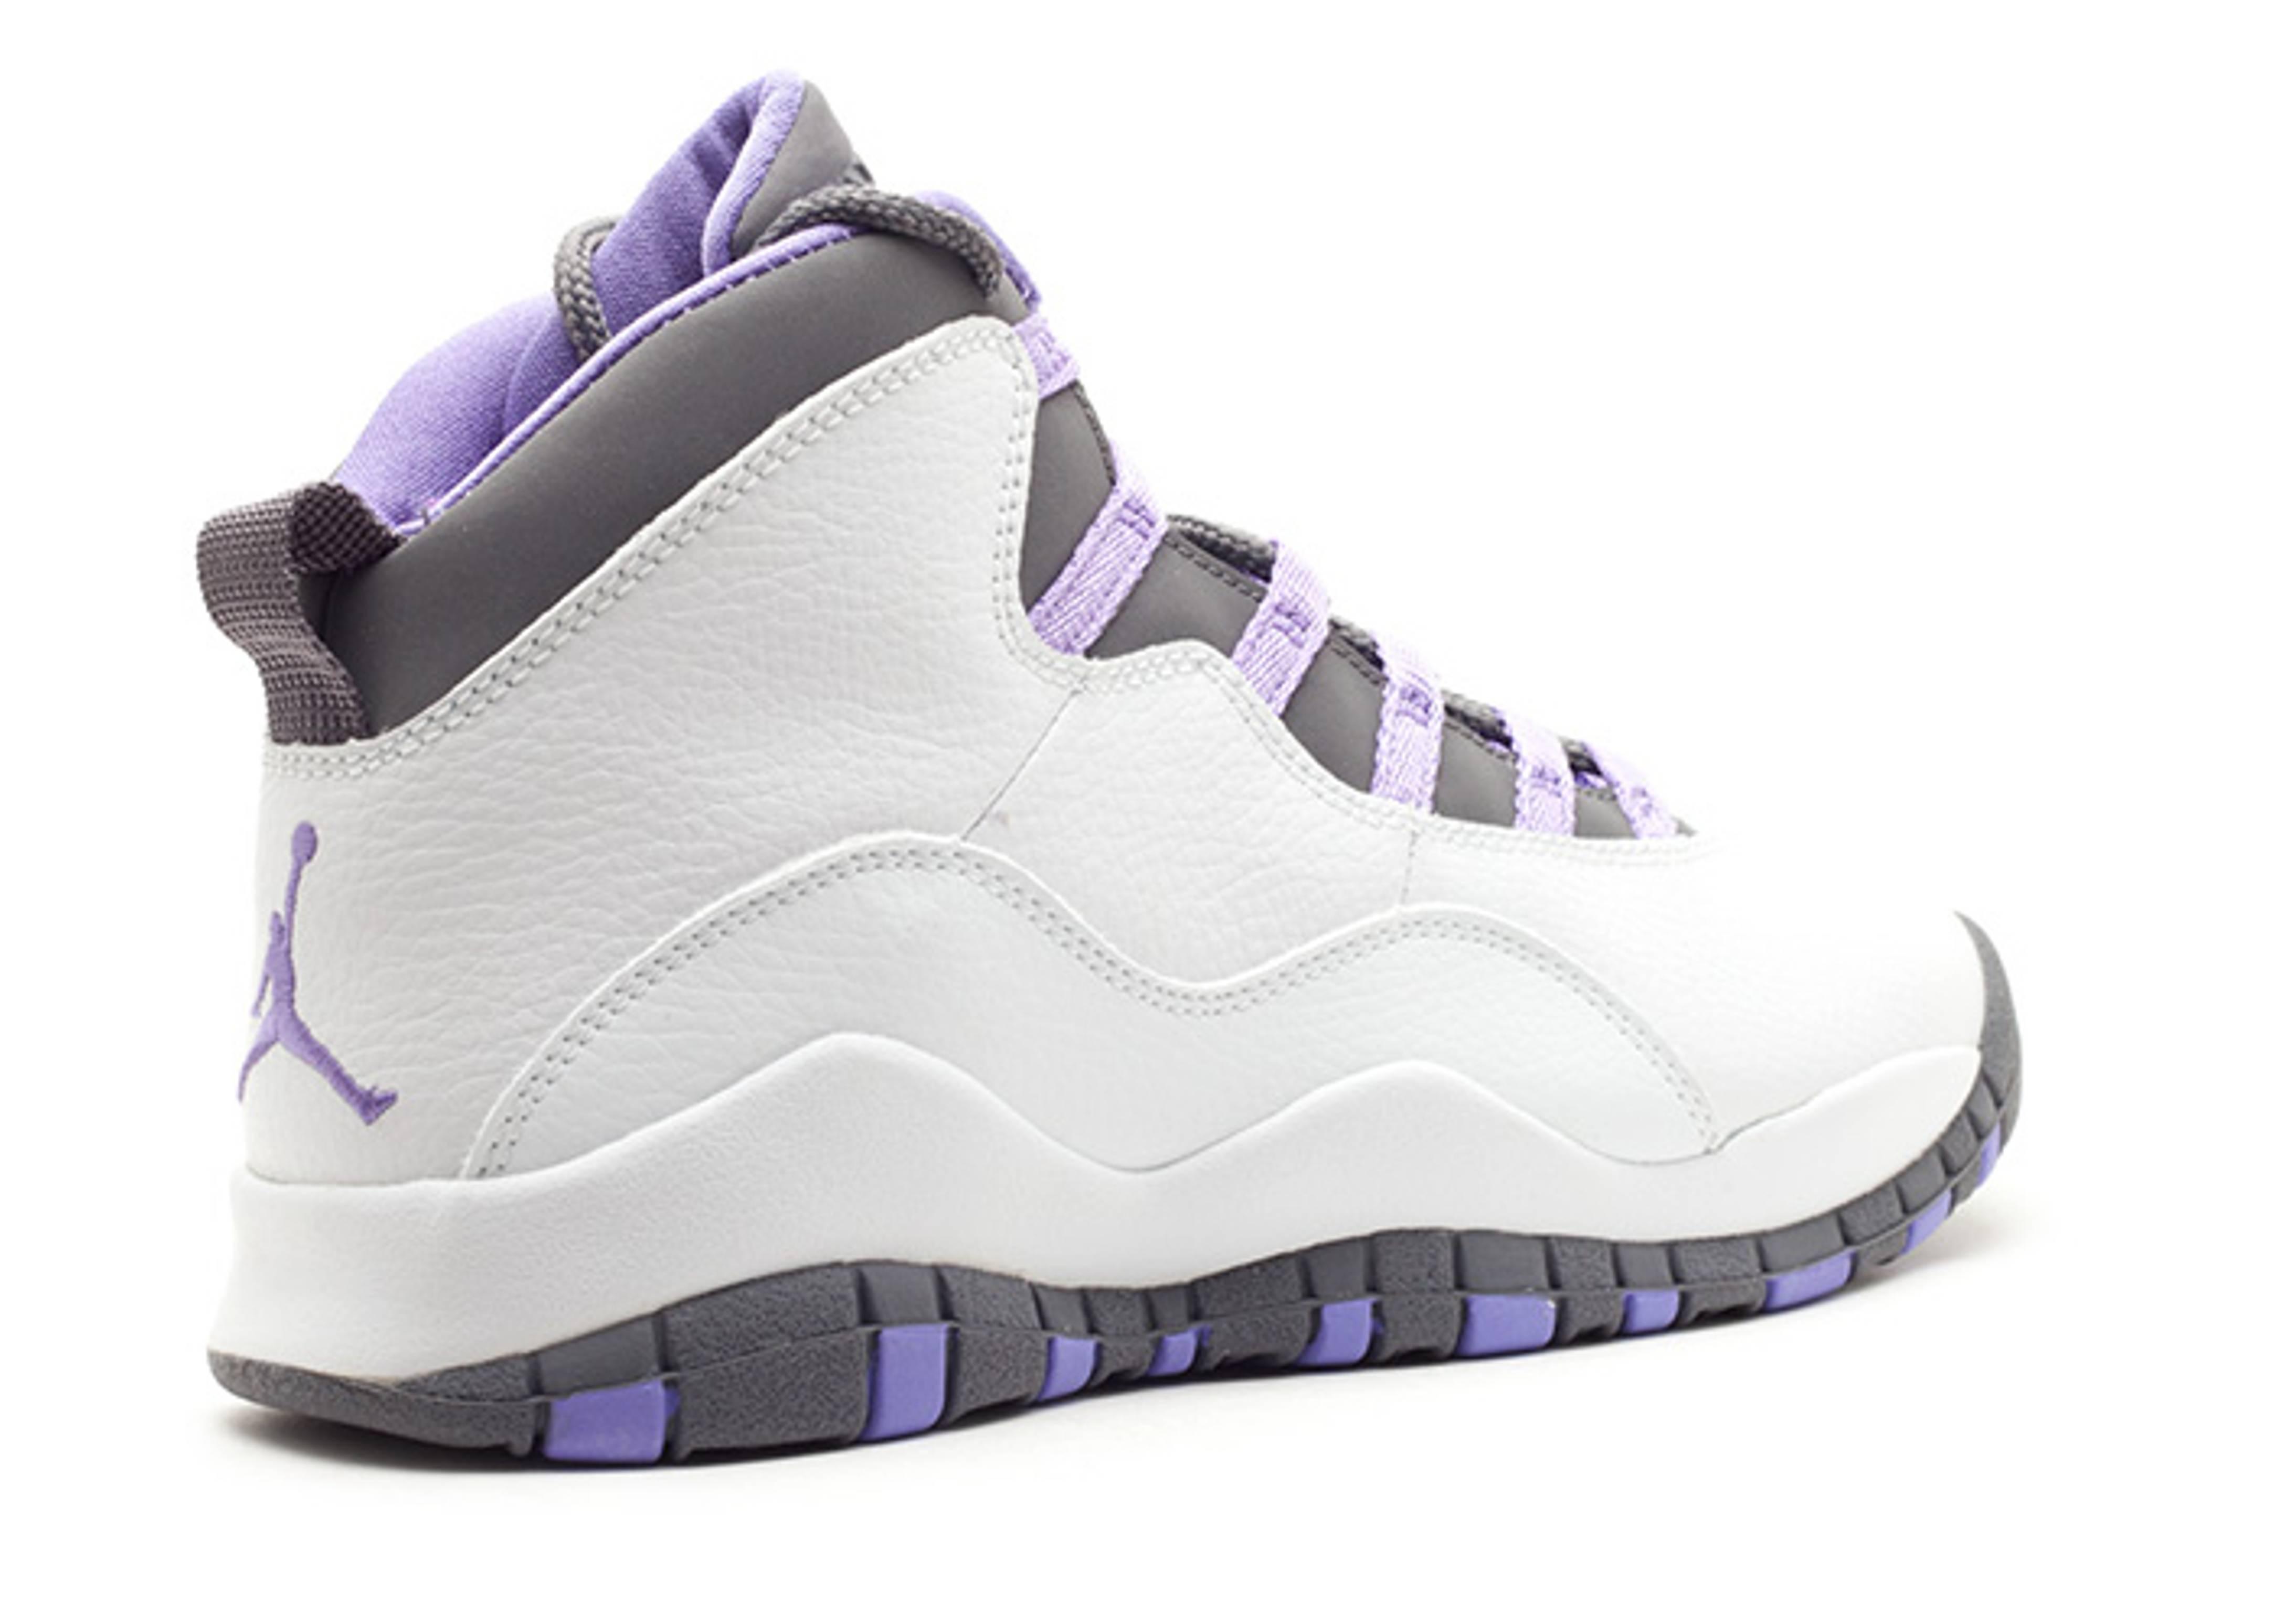 hot sale online c5a46 16552 Air Jordan 10 Retro (gs) - Air Jordan - 310806 151 - white ...